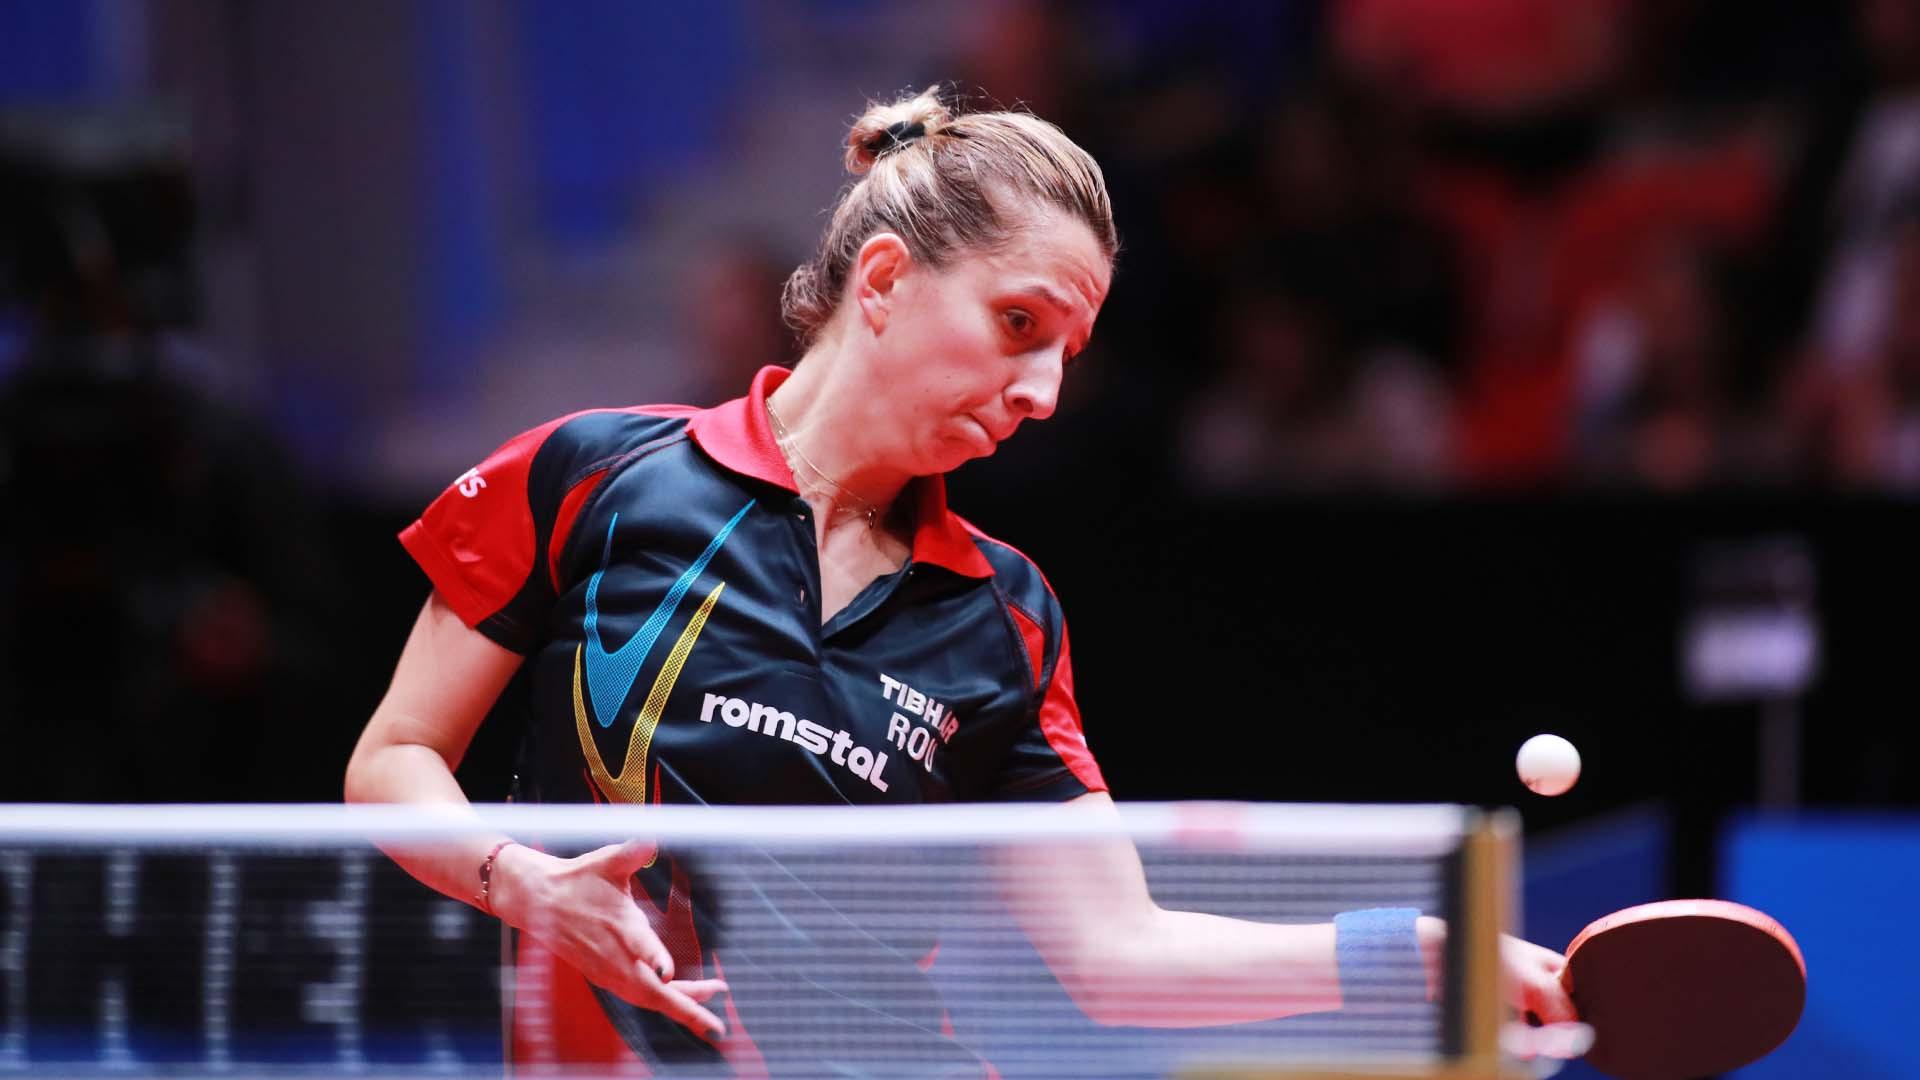 Pesotska stuns third seed Samara at European Table Tennis Championships